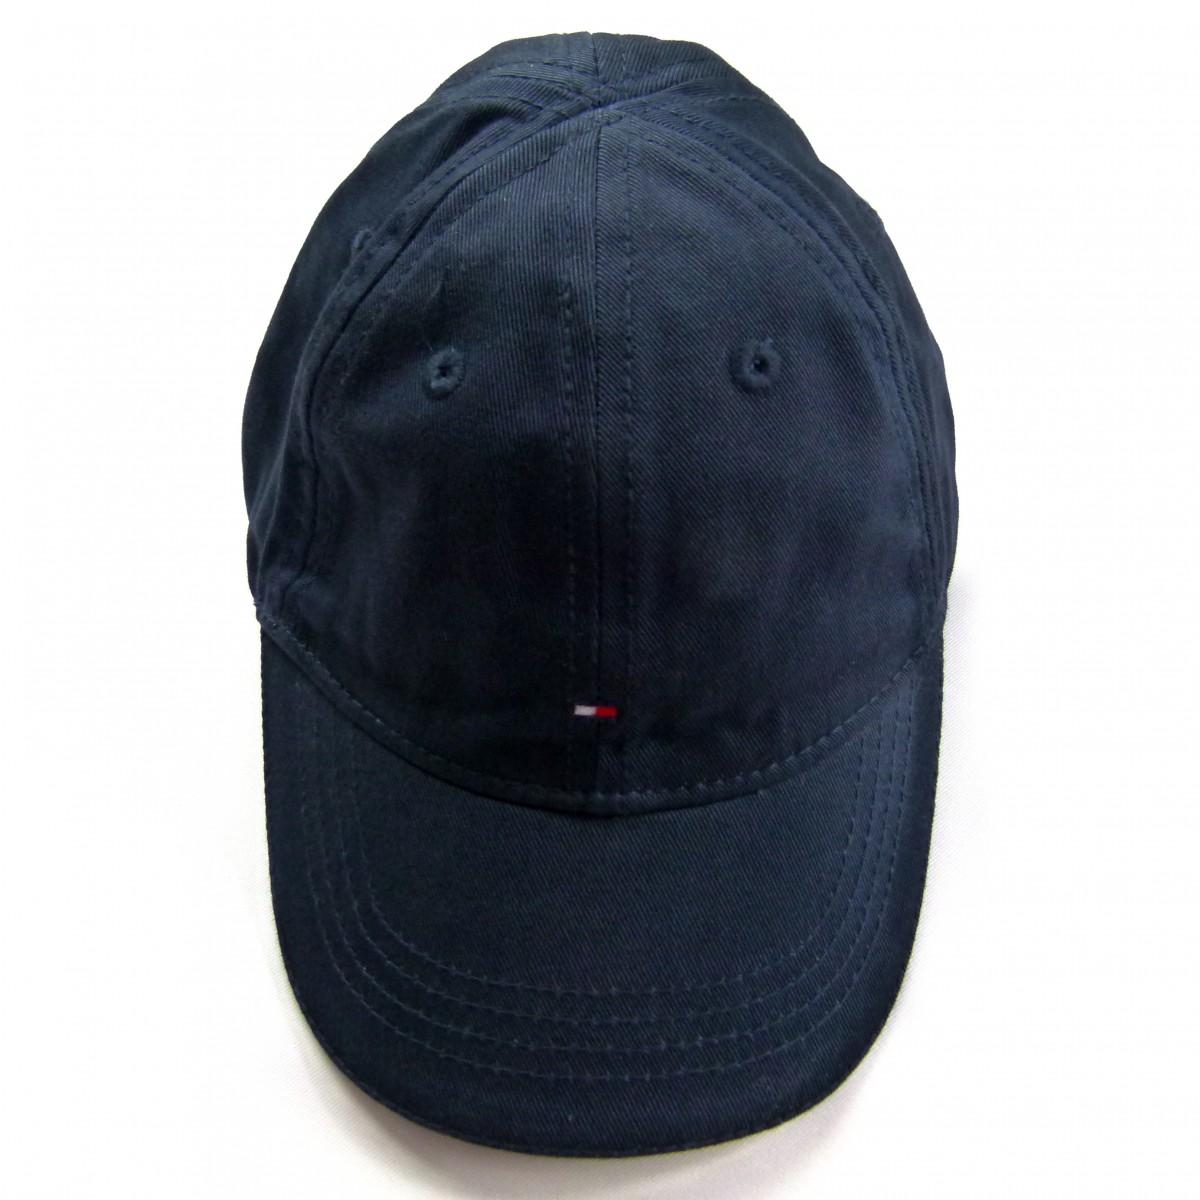 252a359973561 Boné Basic Cap Tommy Hilfiger - 037353 037354 Azul Marinho